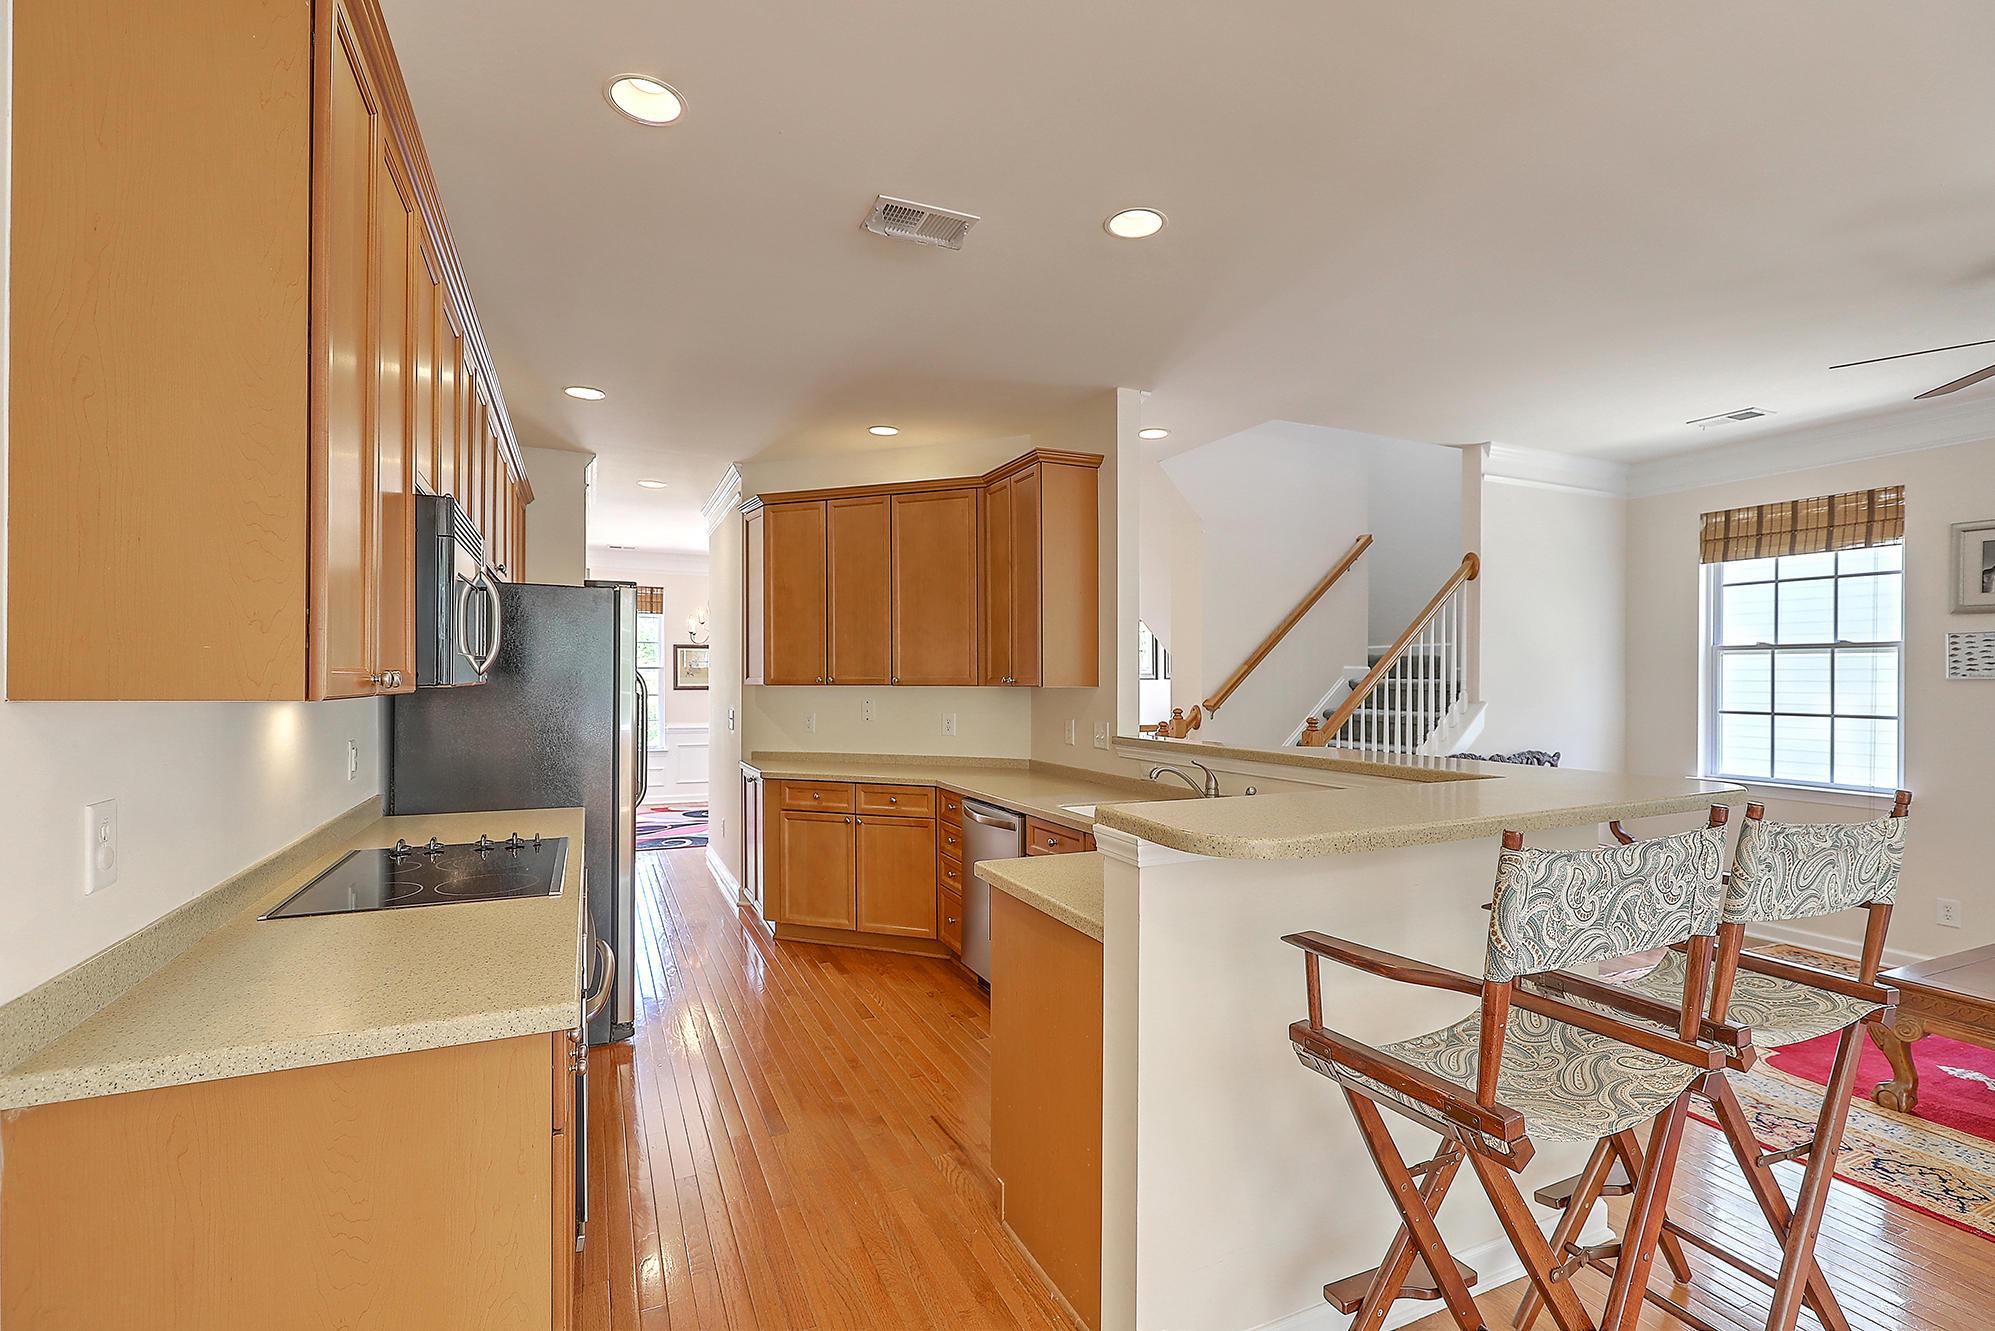 Kensington at Park West Homes For Sale - 3521 Claremont, Mount Pleasant, SC - 6